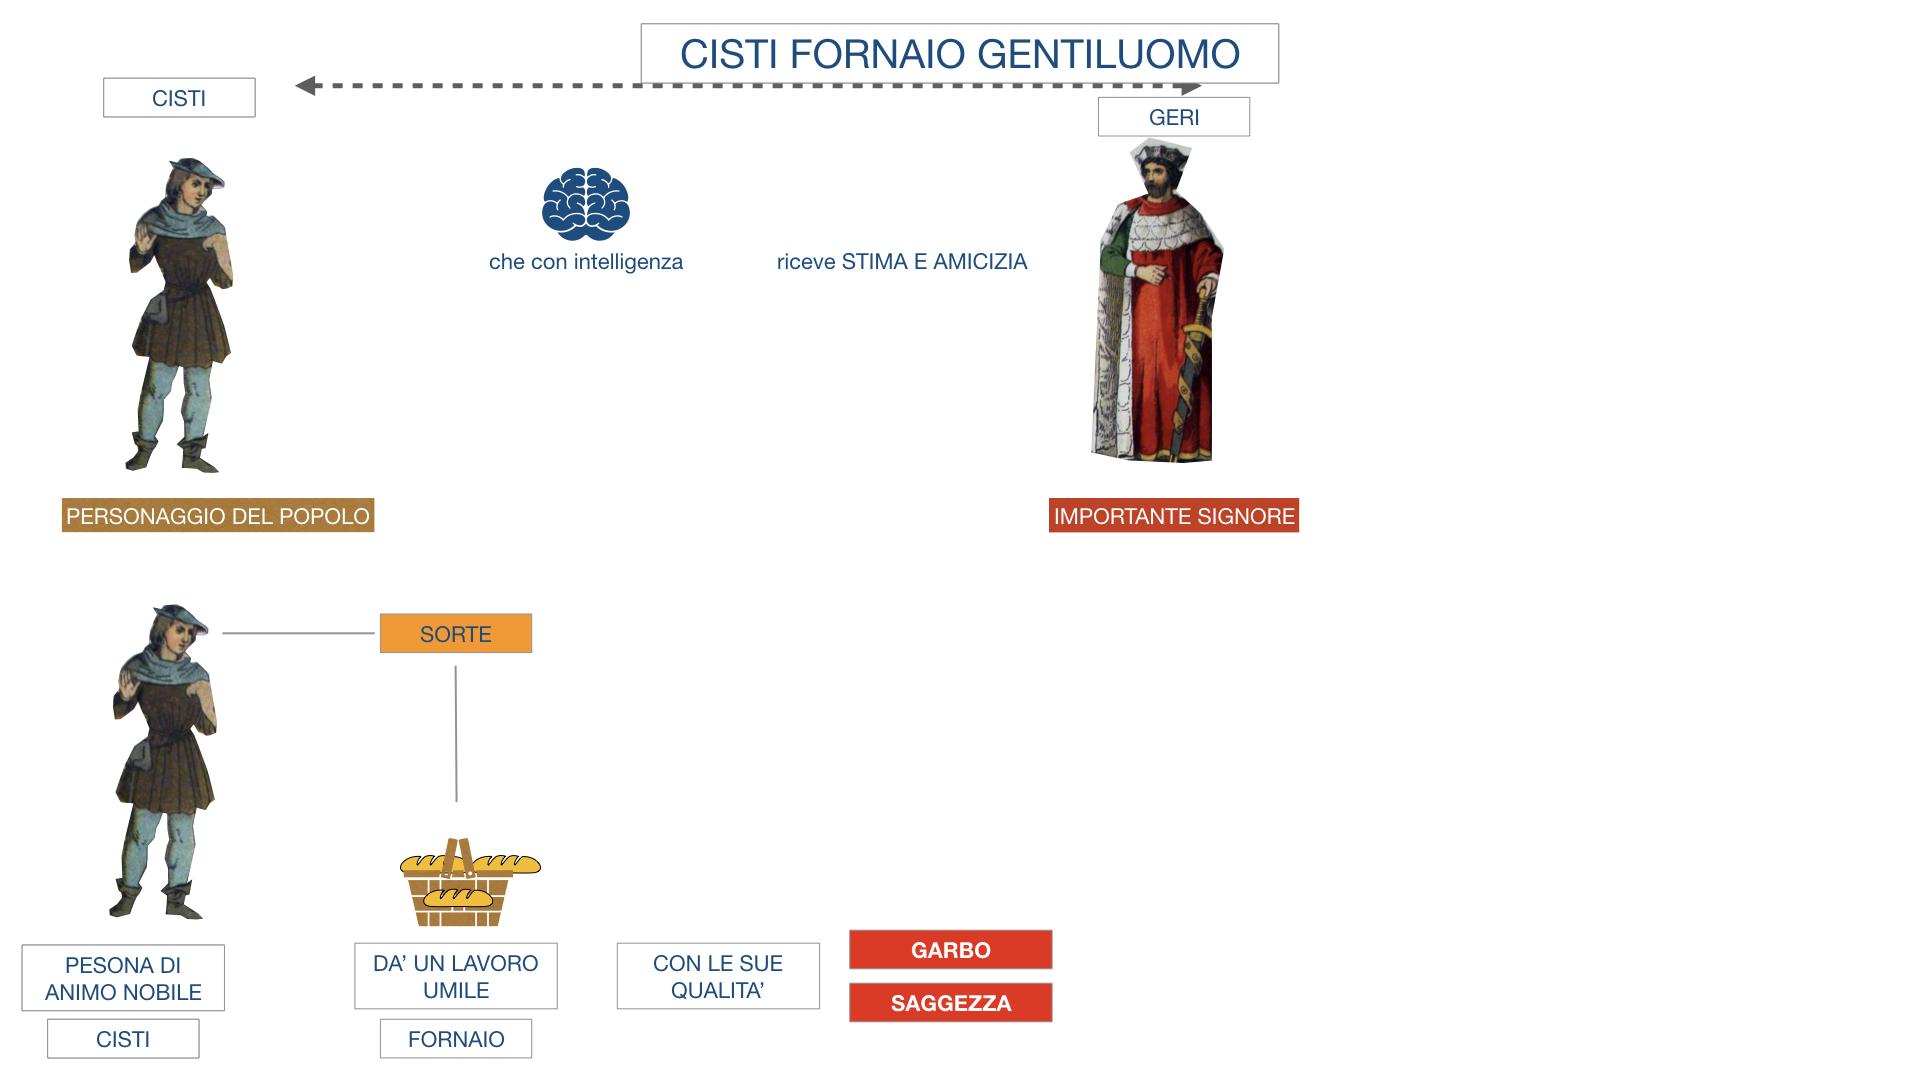 CISTI IL FORNAIO_SIMULAZIONE .012